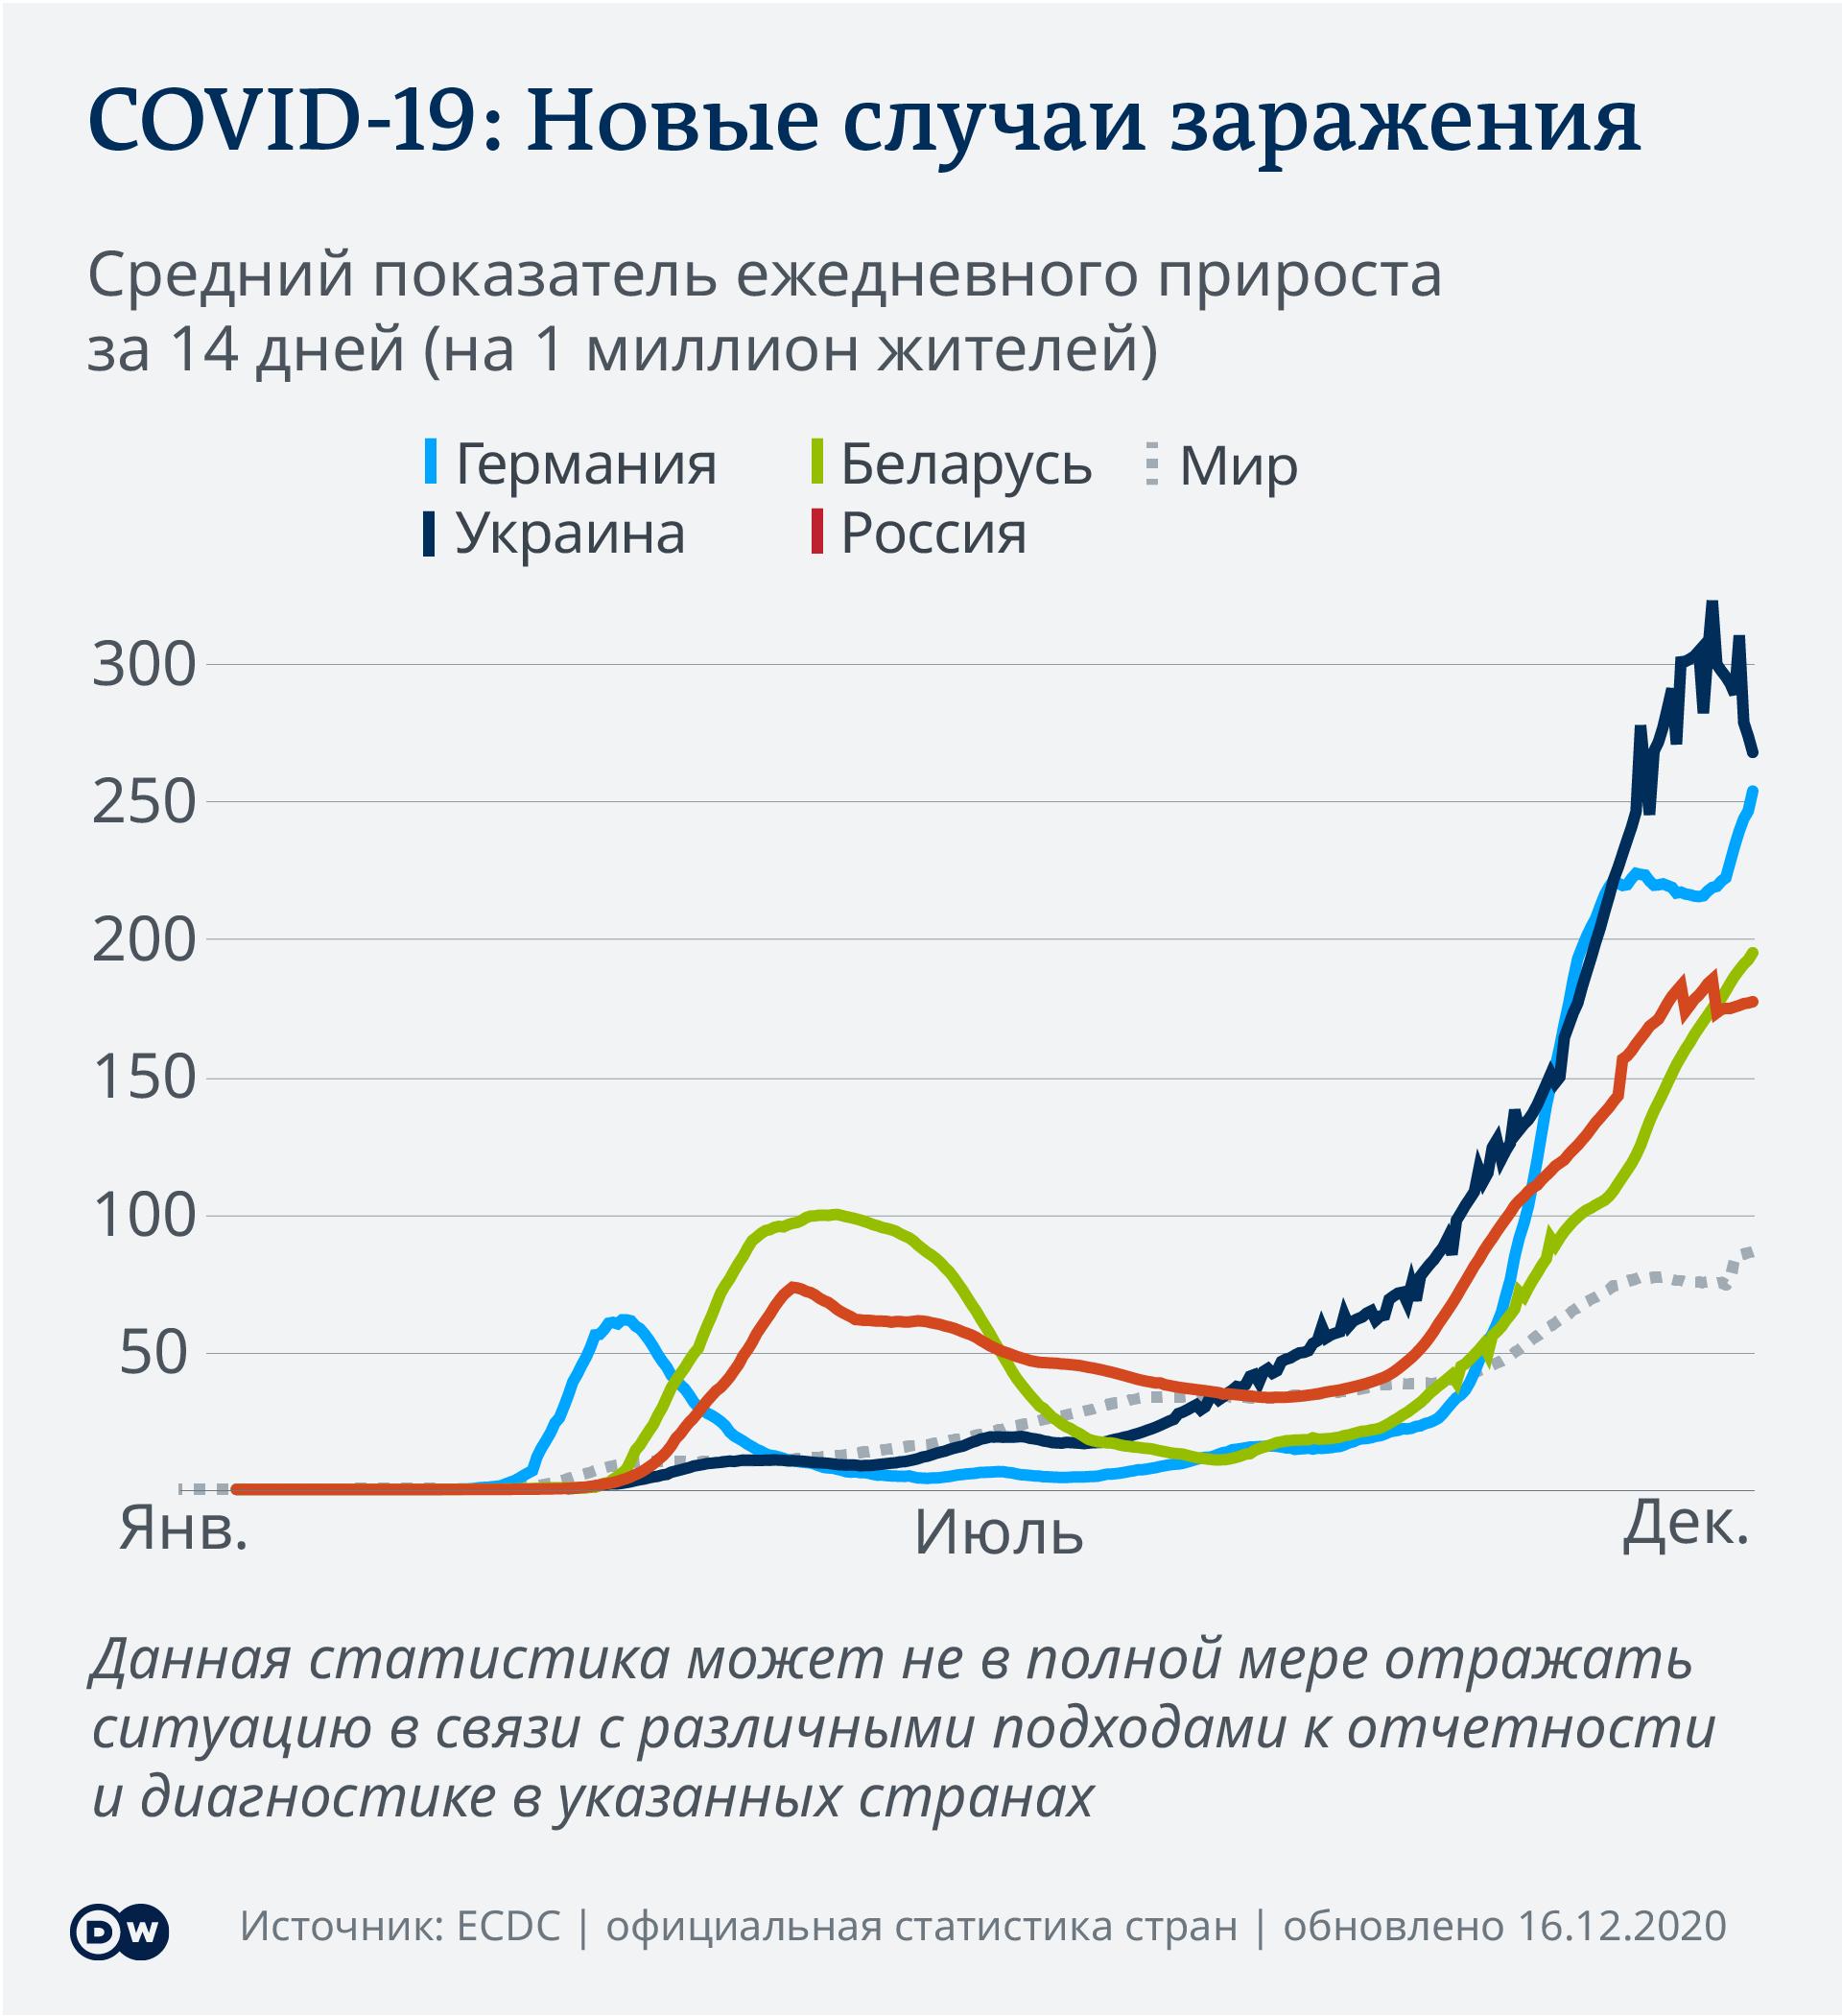 Статистика случаев заражения COVID-19